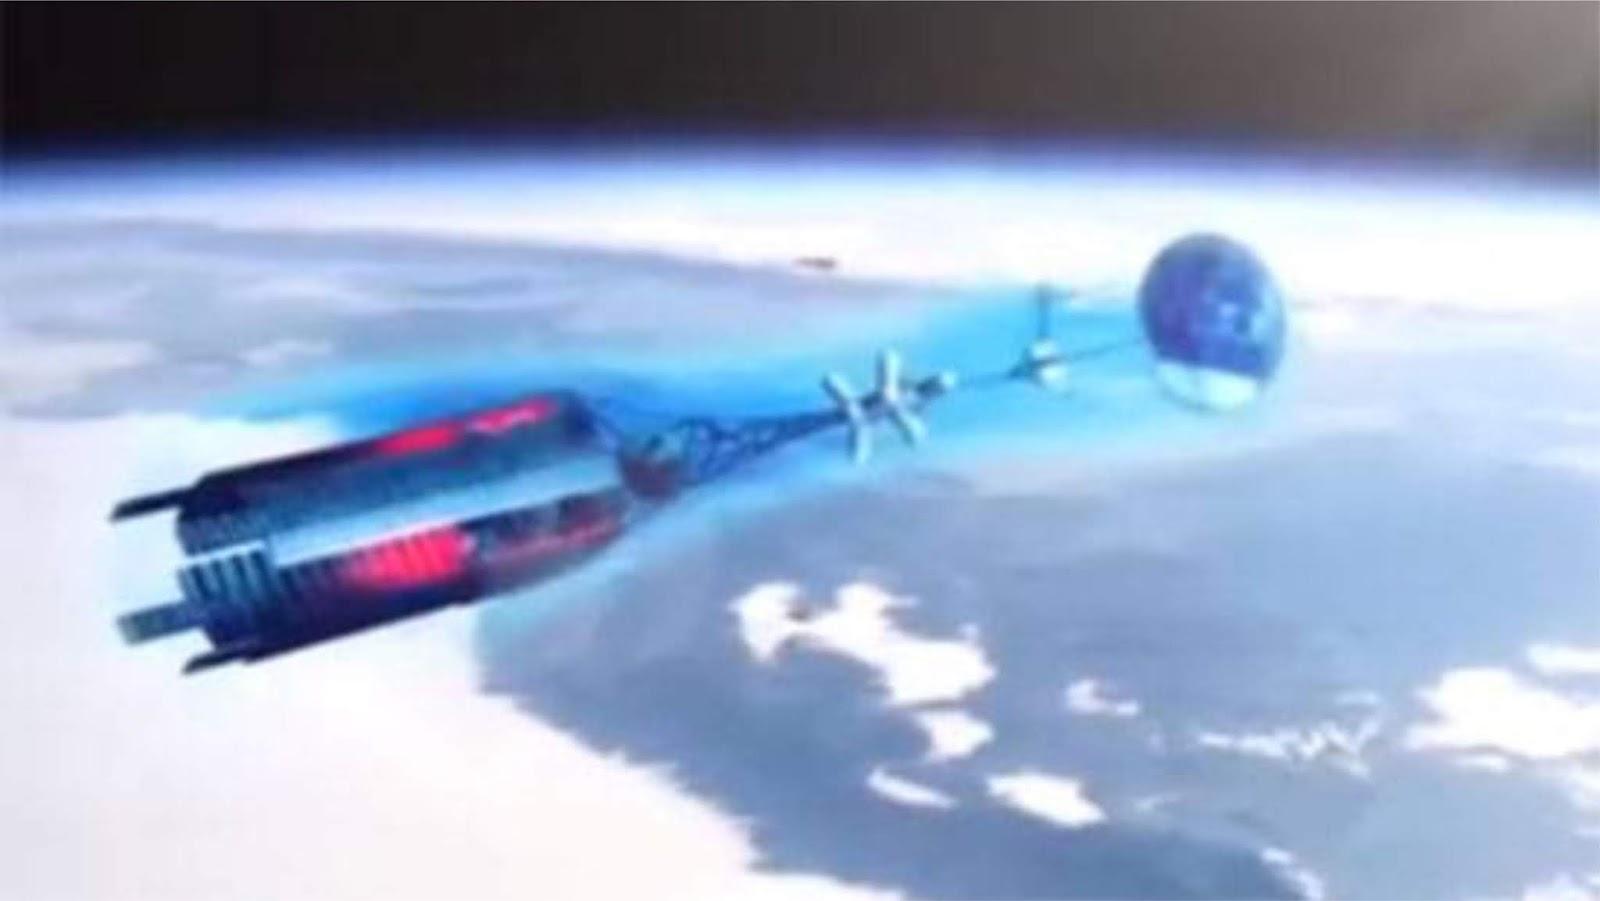 Model pesawat ruang angkasa nuklir Rusia